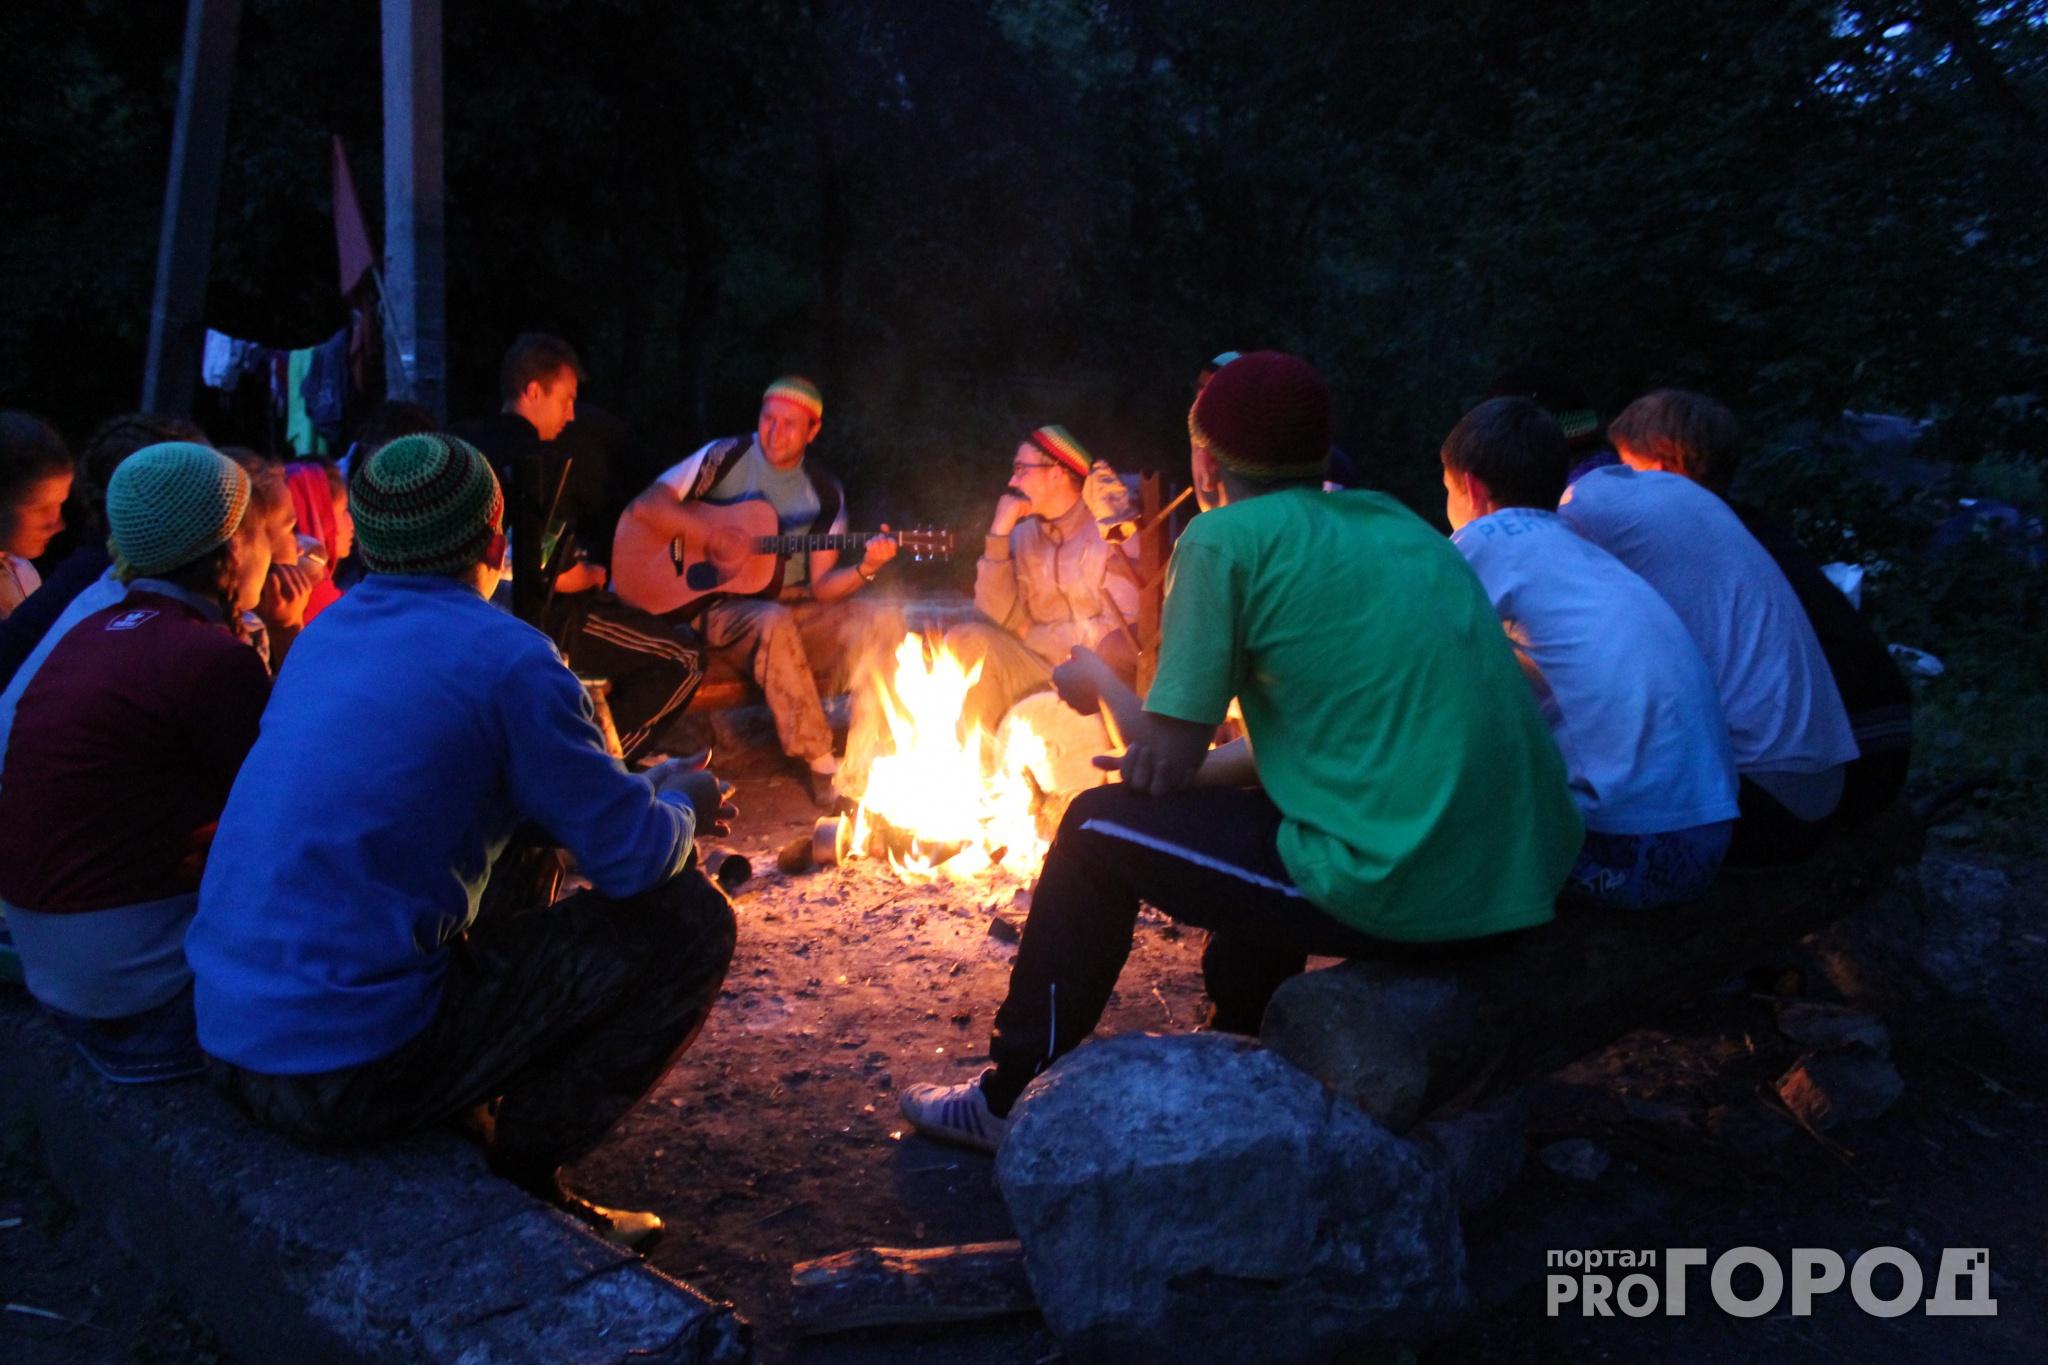 Чепецкие дети могут лишиться летнего отдыха: лагеря до сих пор не начали готовиться к сезону